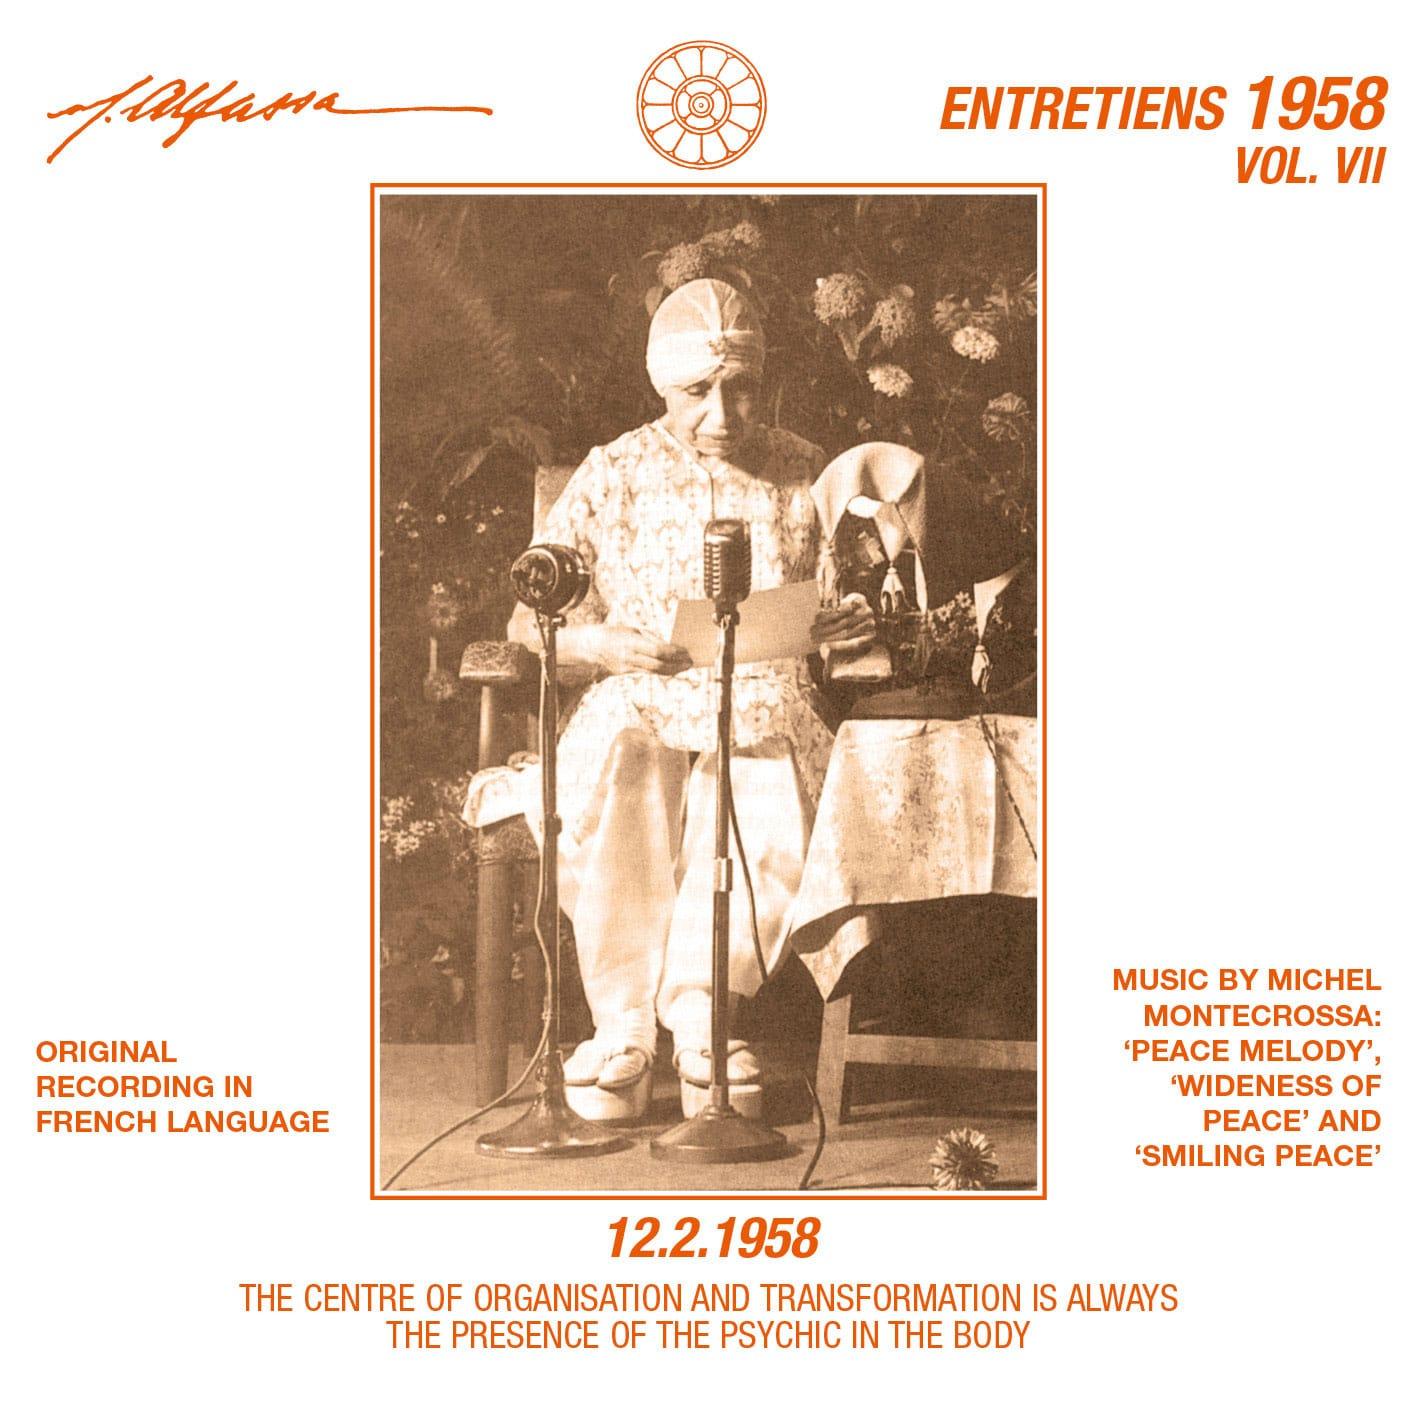 Entretiens 1958, Vol. 7 - 12.2.1958